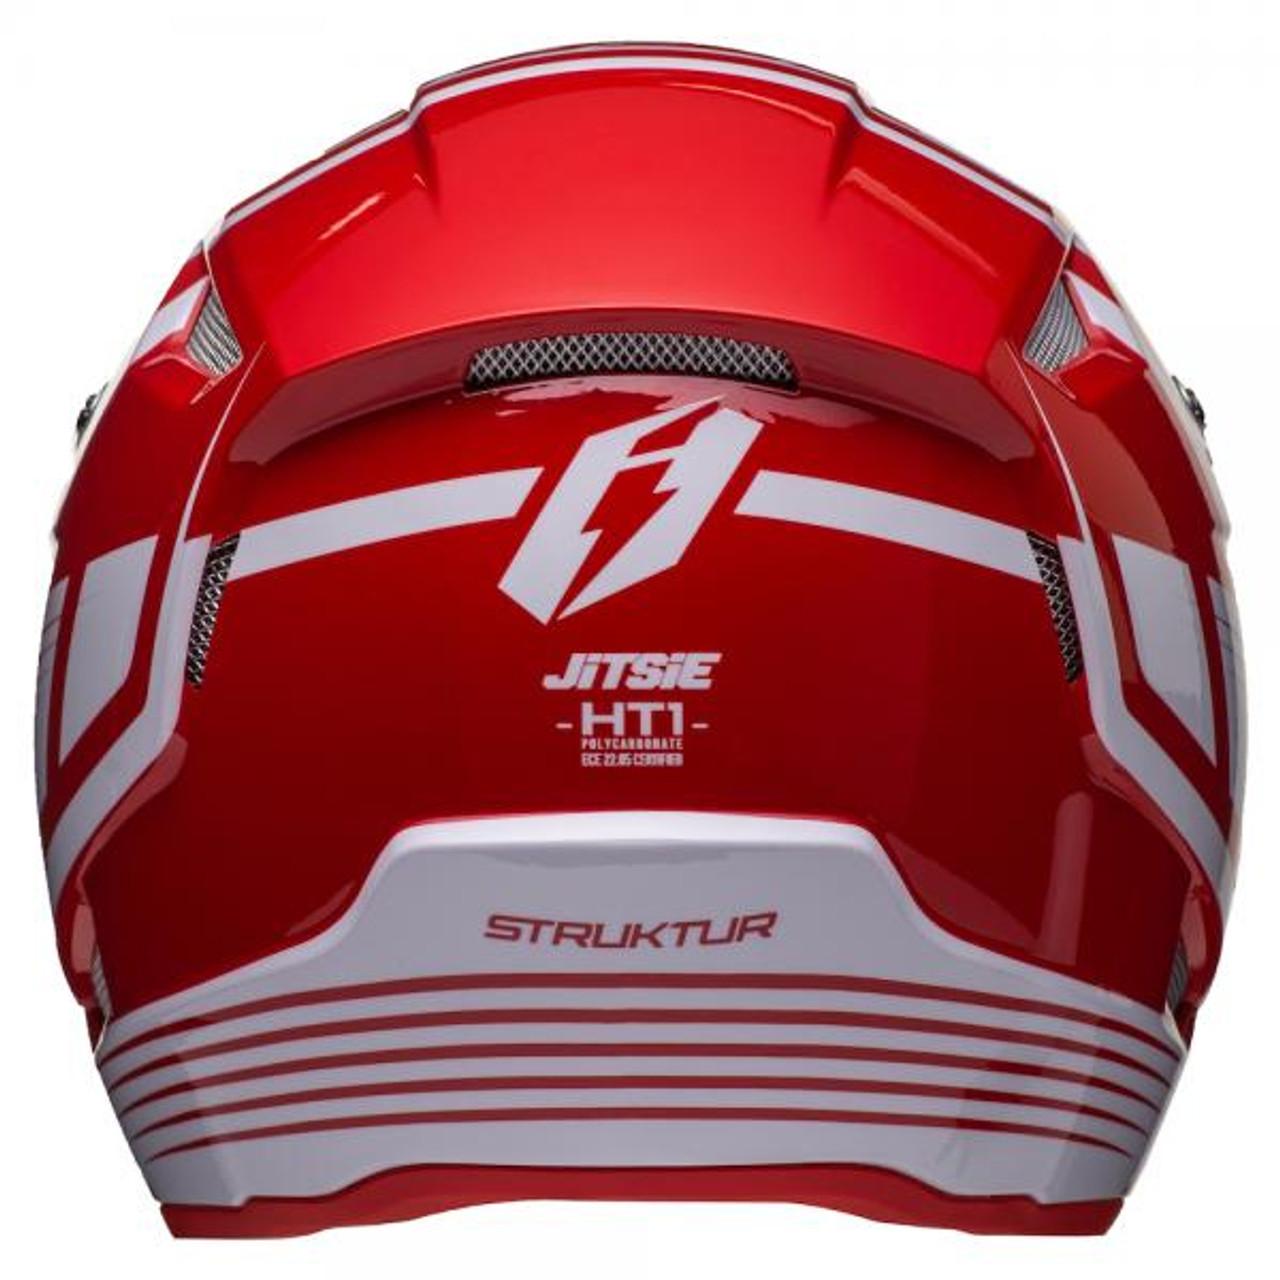 Helmet HT1 Struktur, red/ white